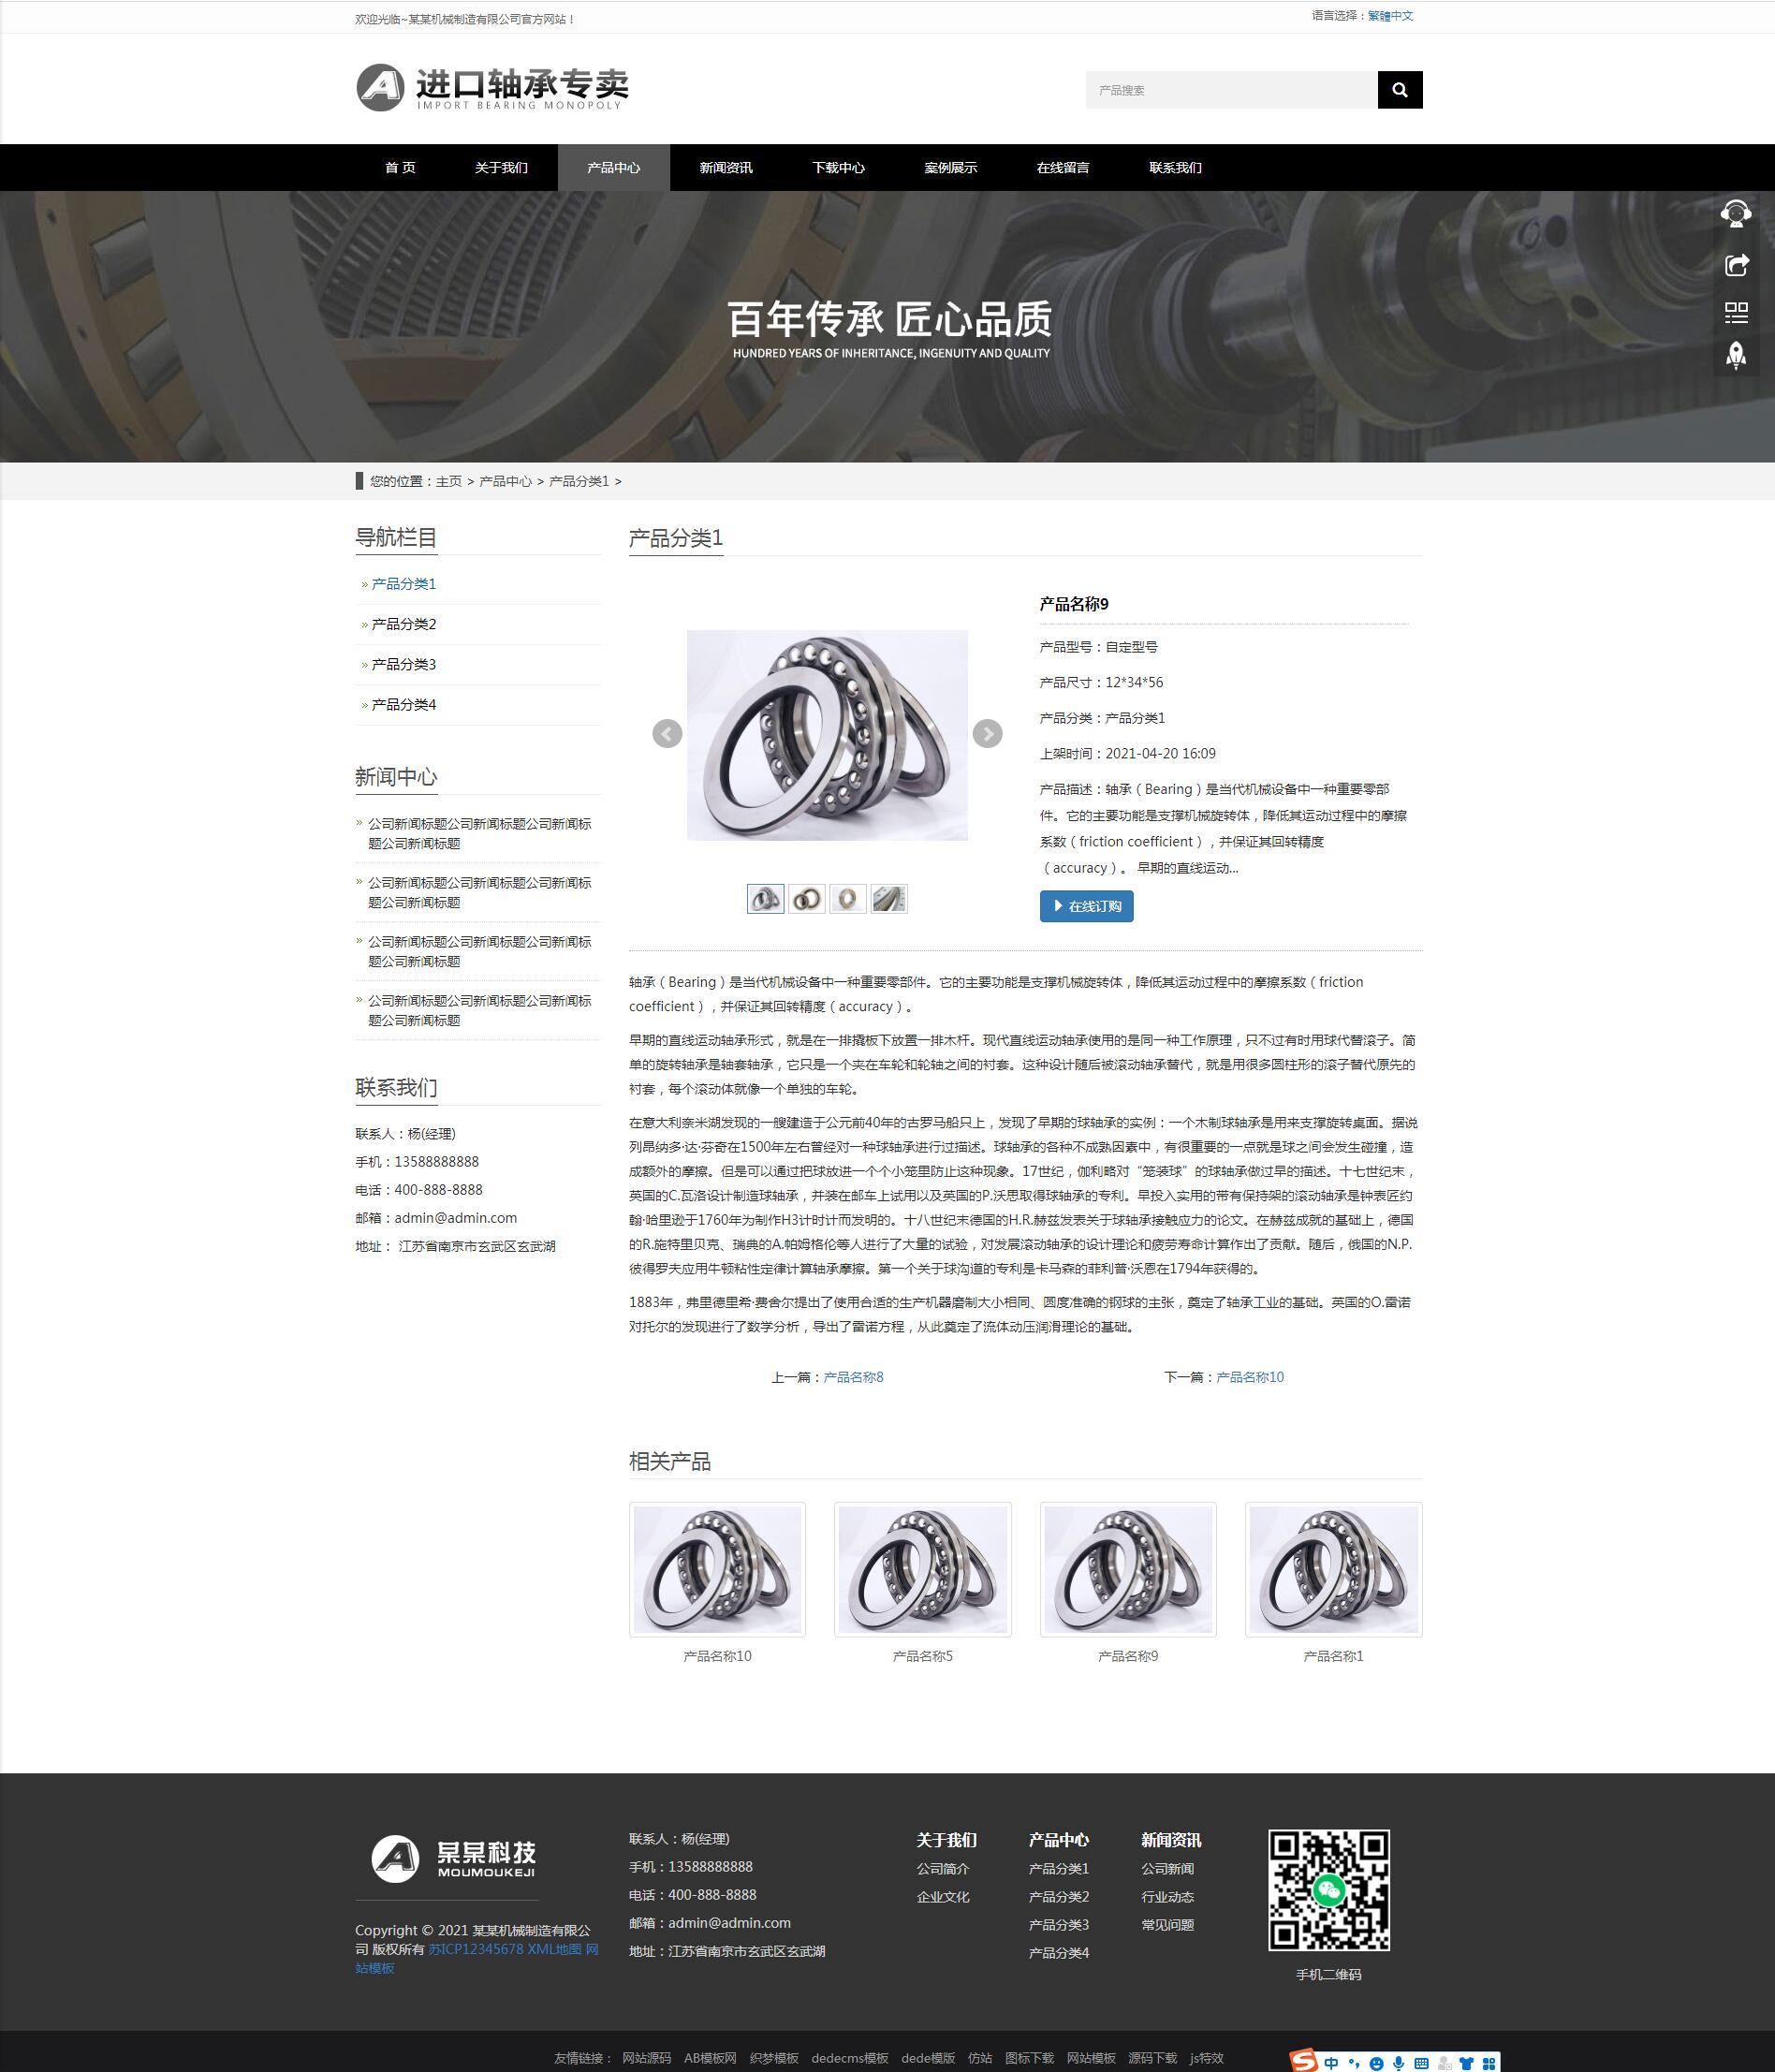 亲测丨织梦dedecms响应式简繁双语轴承齿轮机械设备制造公司网站模板 自适应手机端